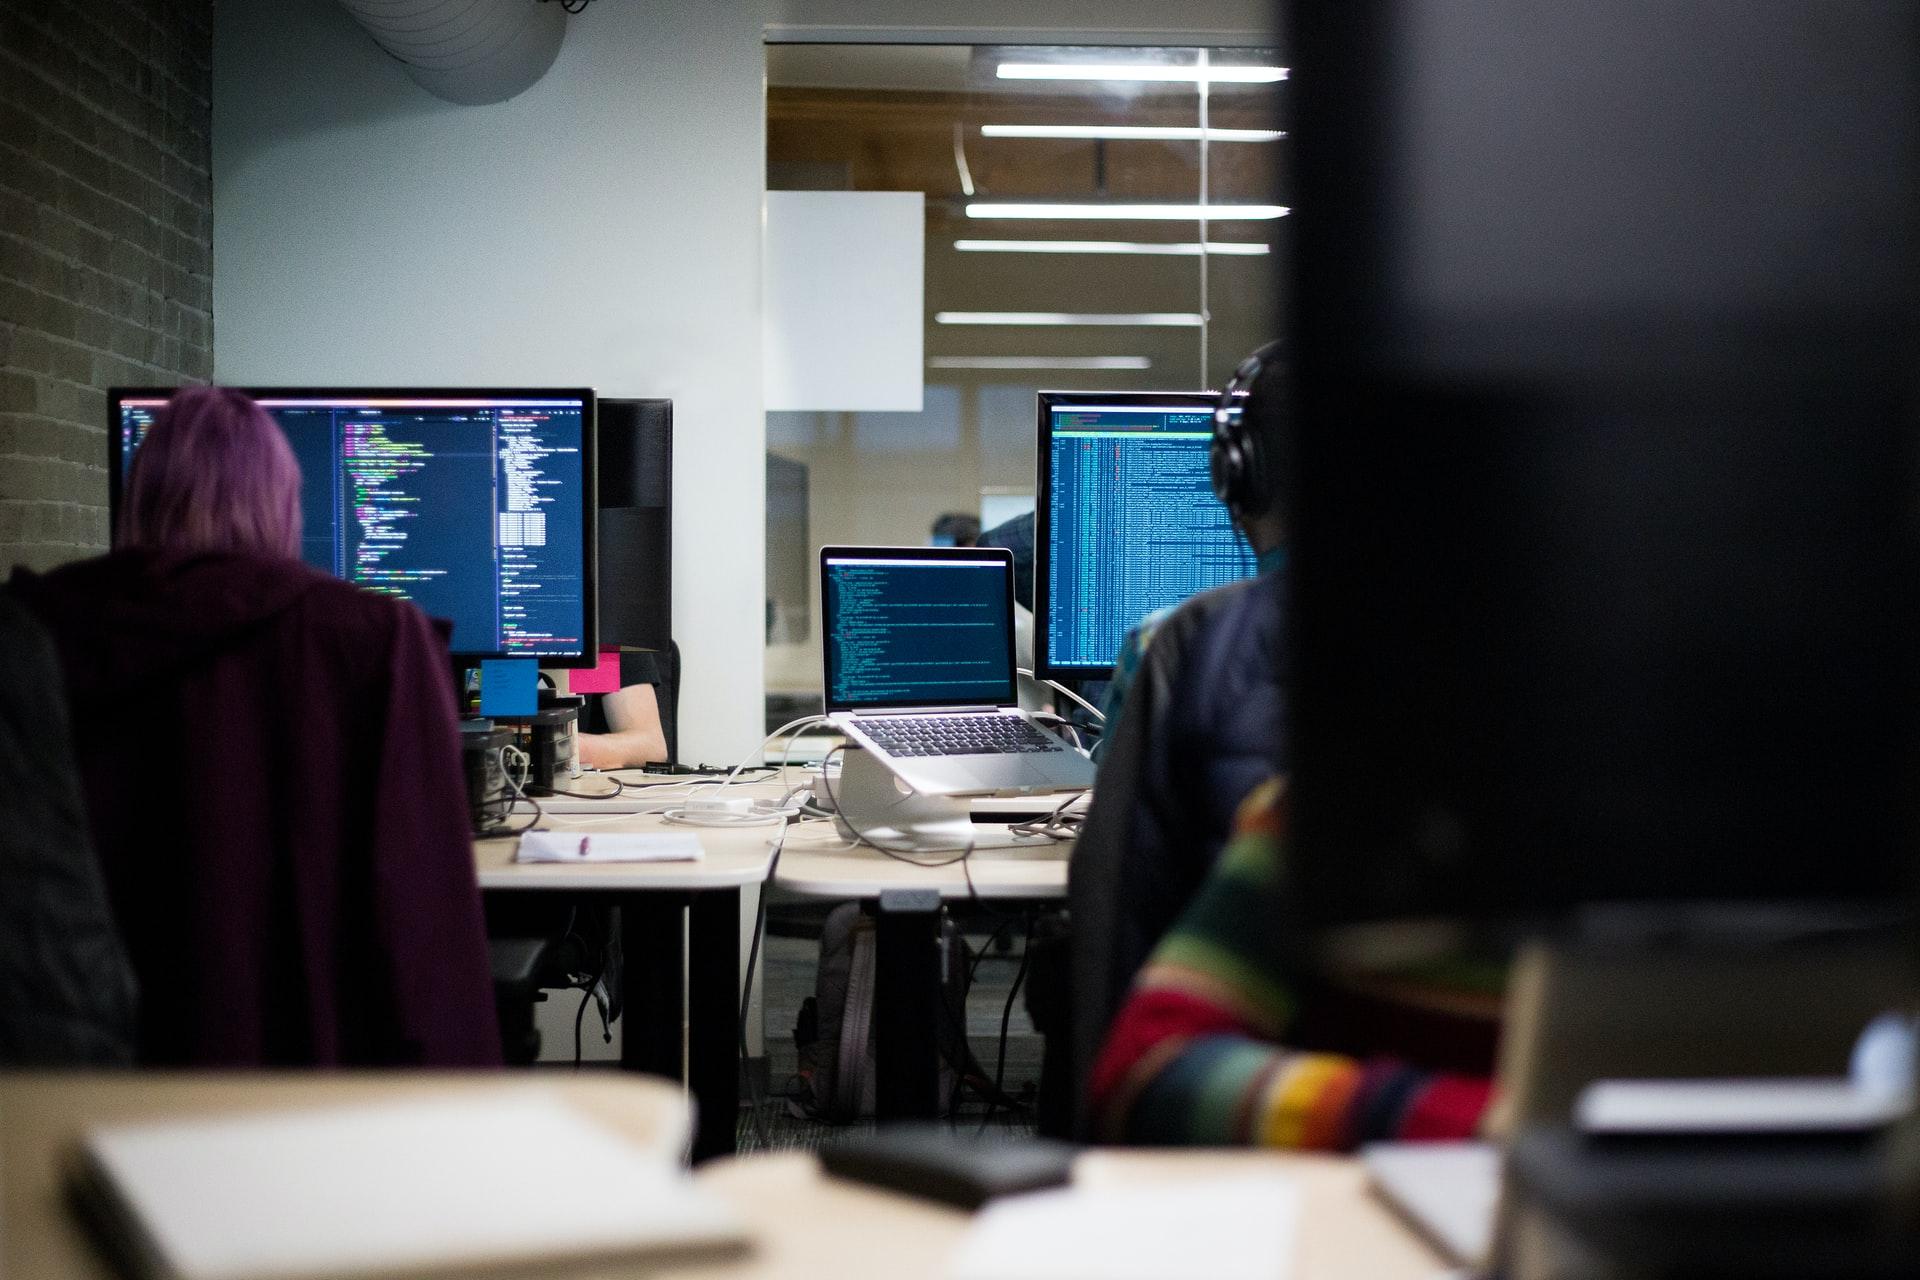 Bild von Software Unternehmen mitarbeitern